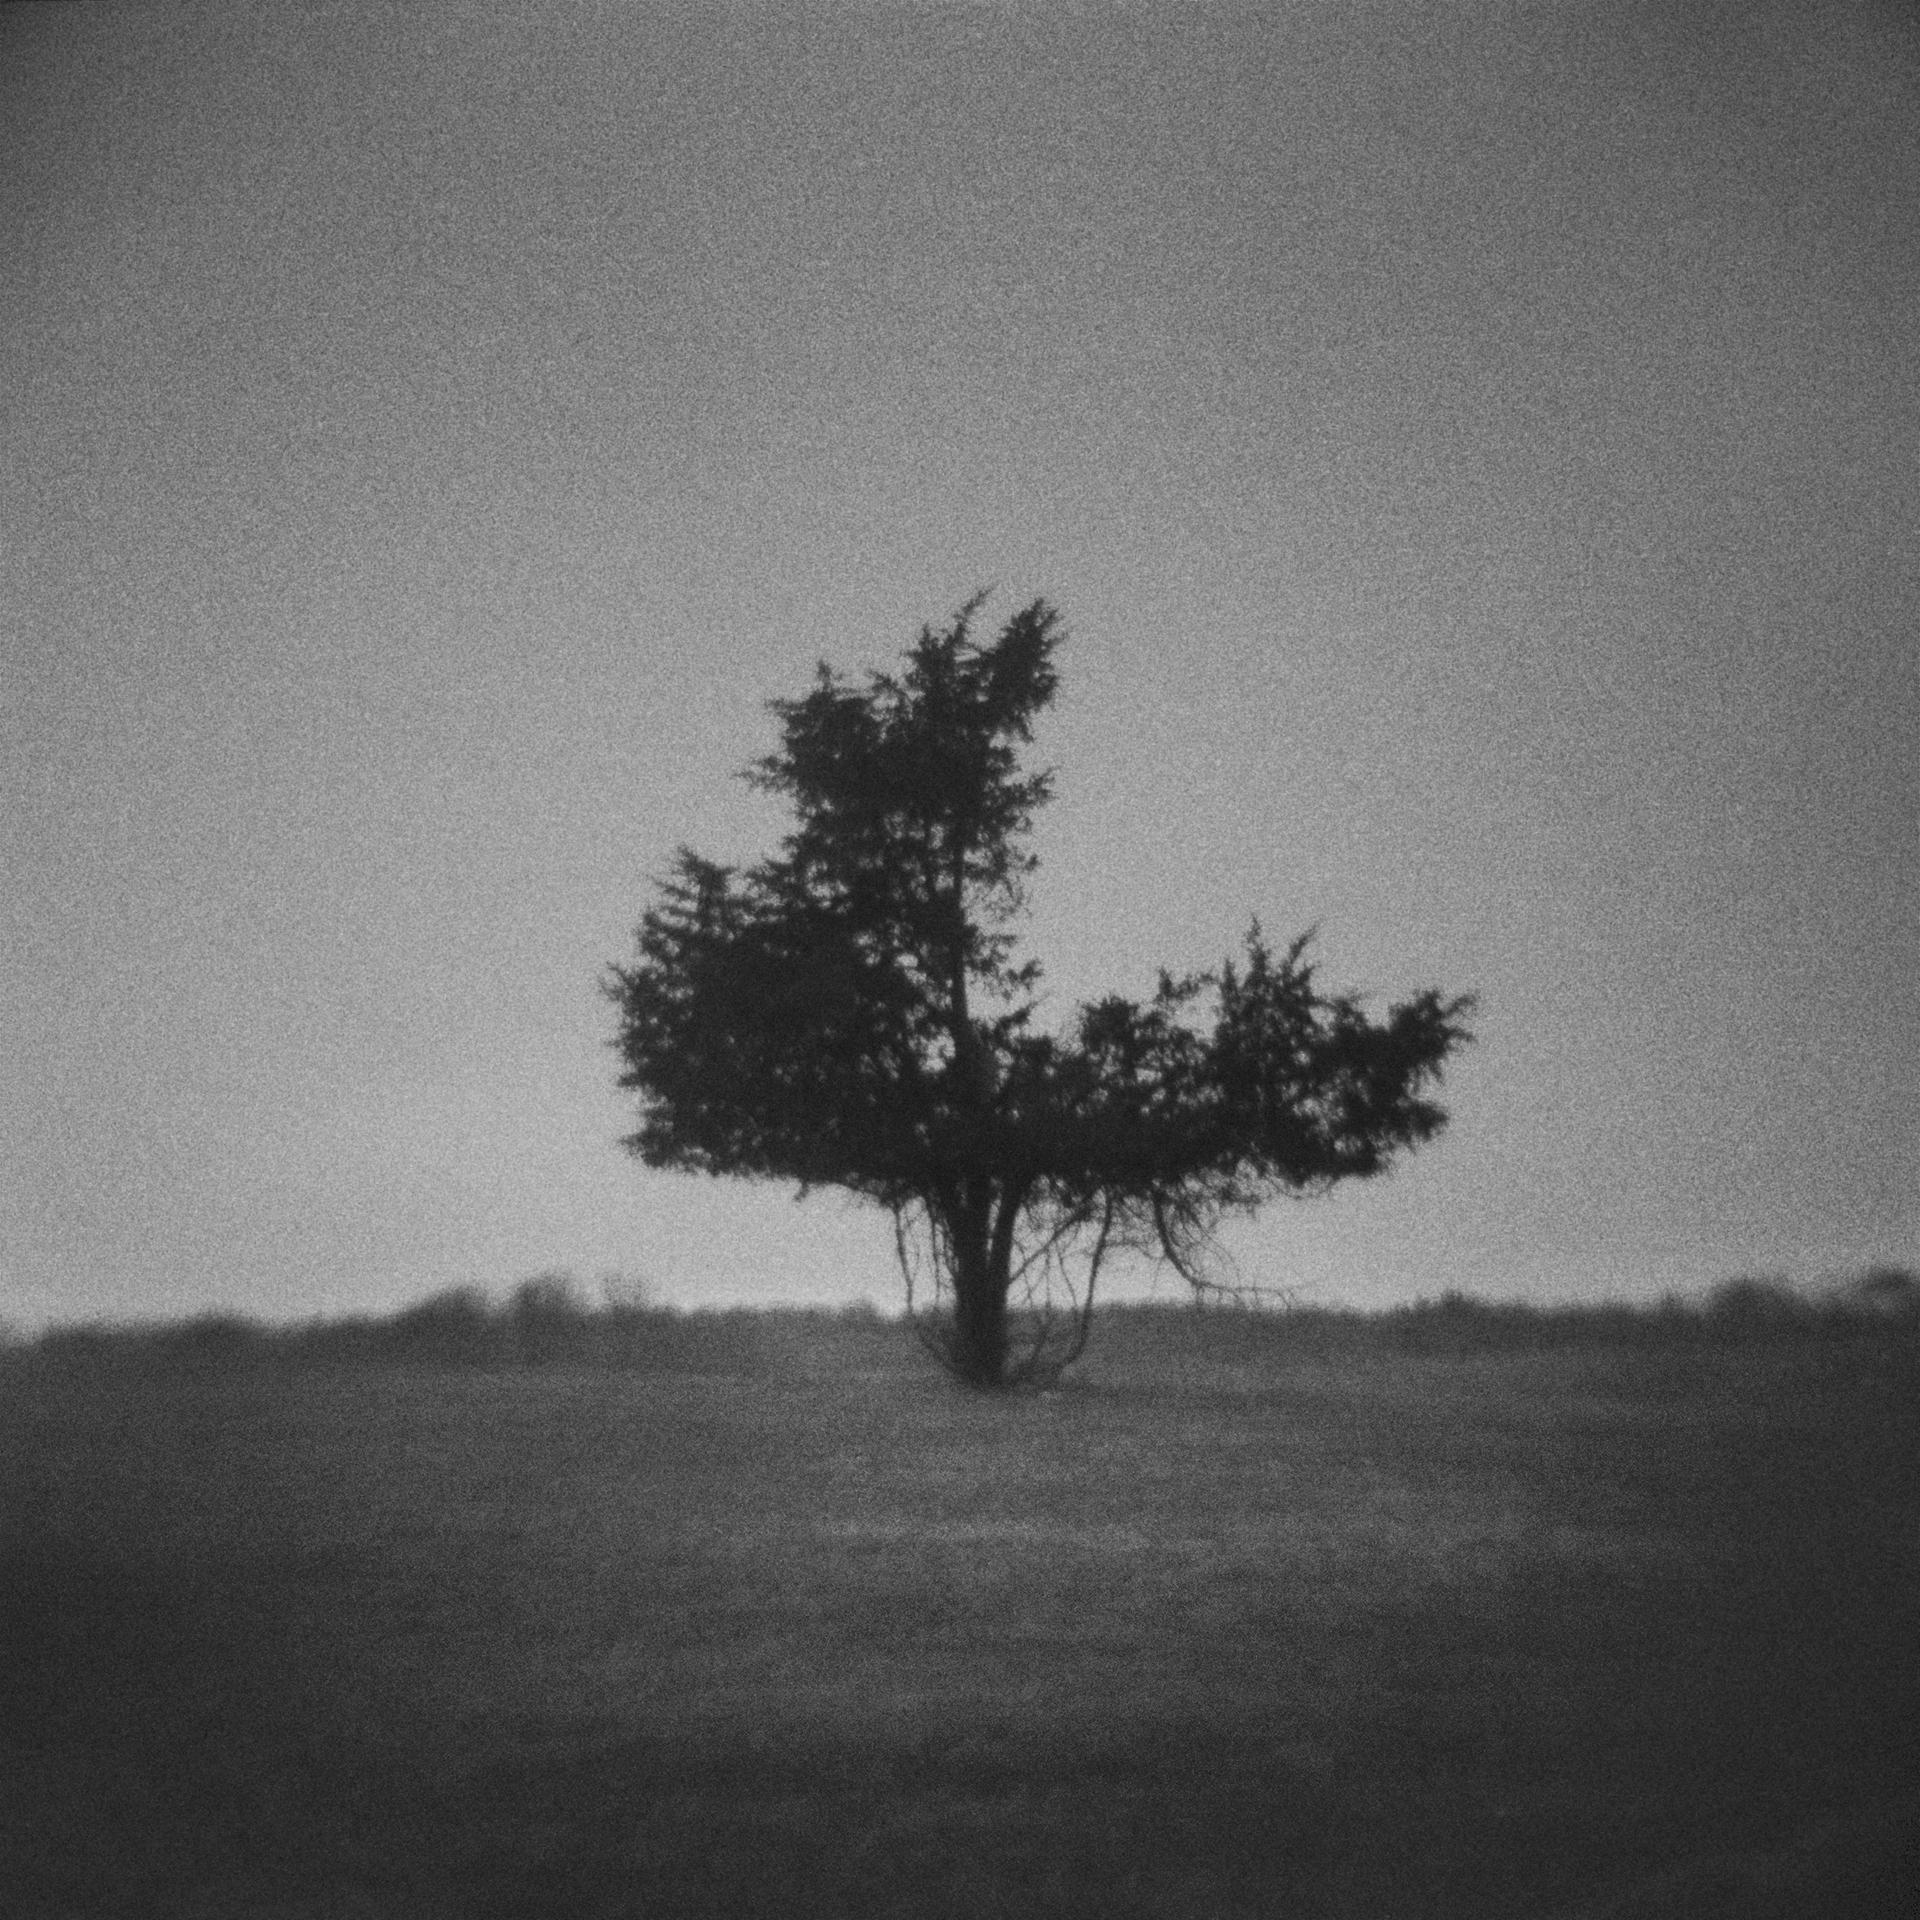 Untitled (3/4 tree), 2013